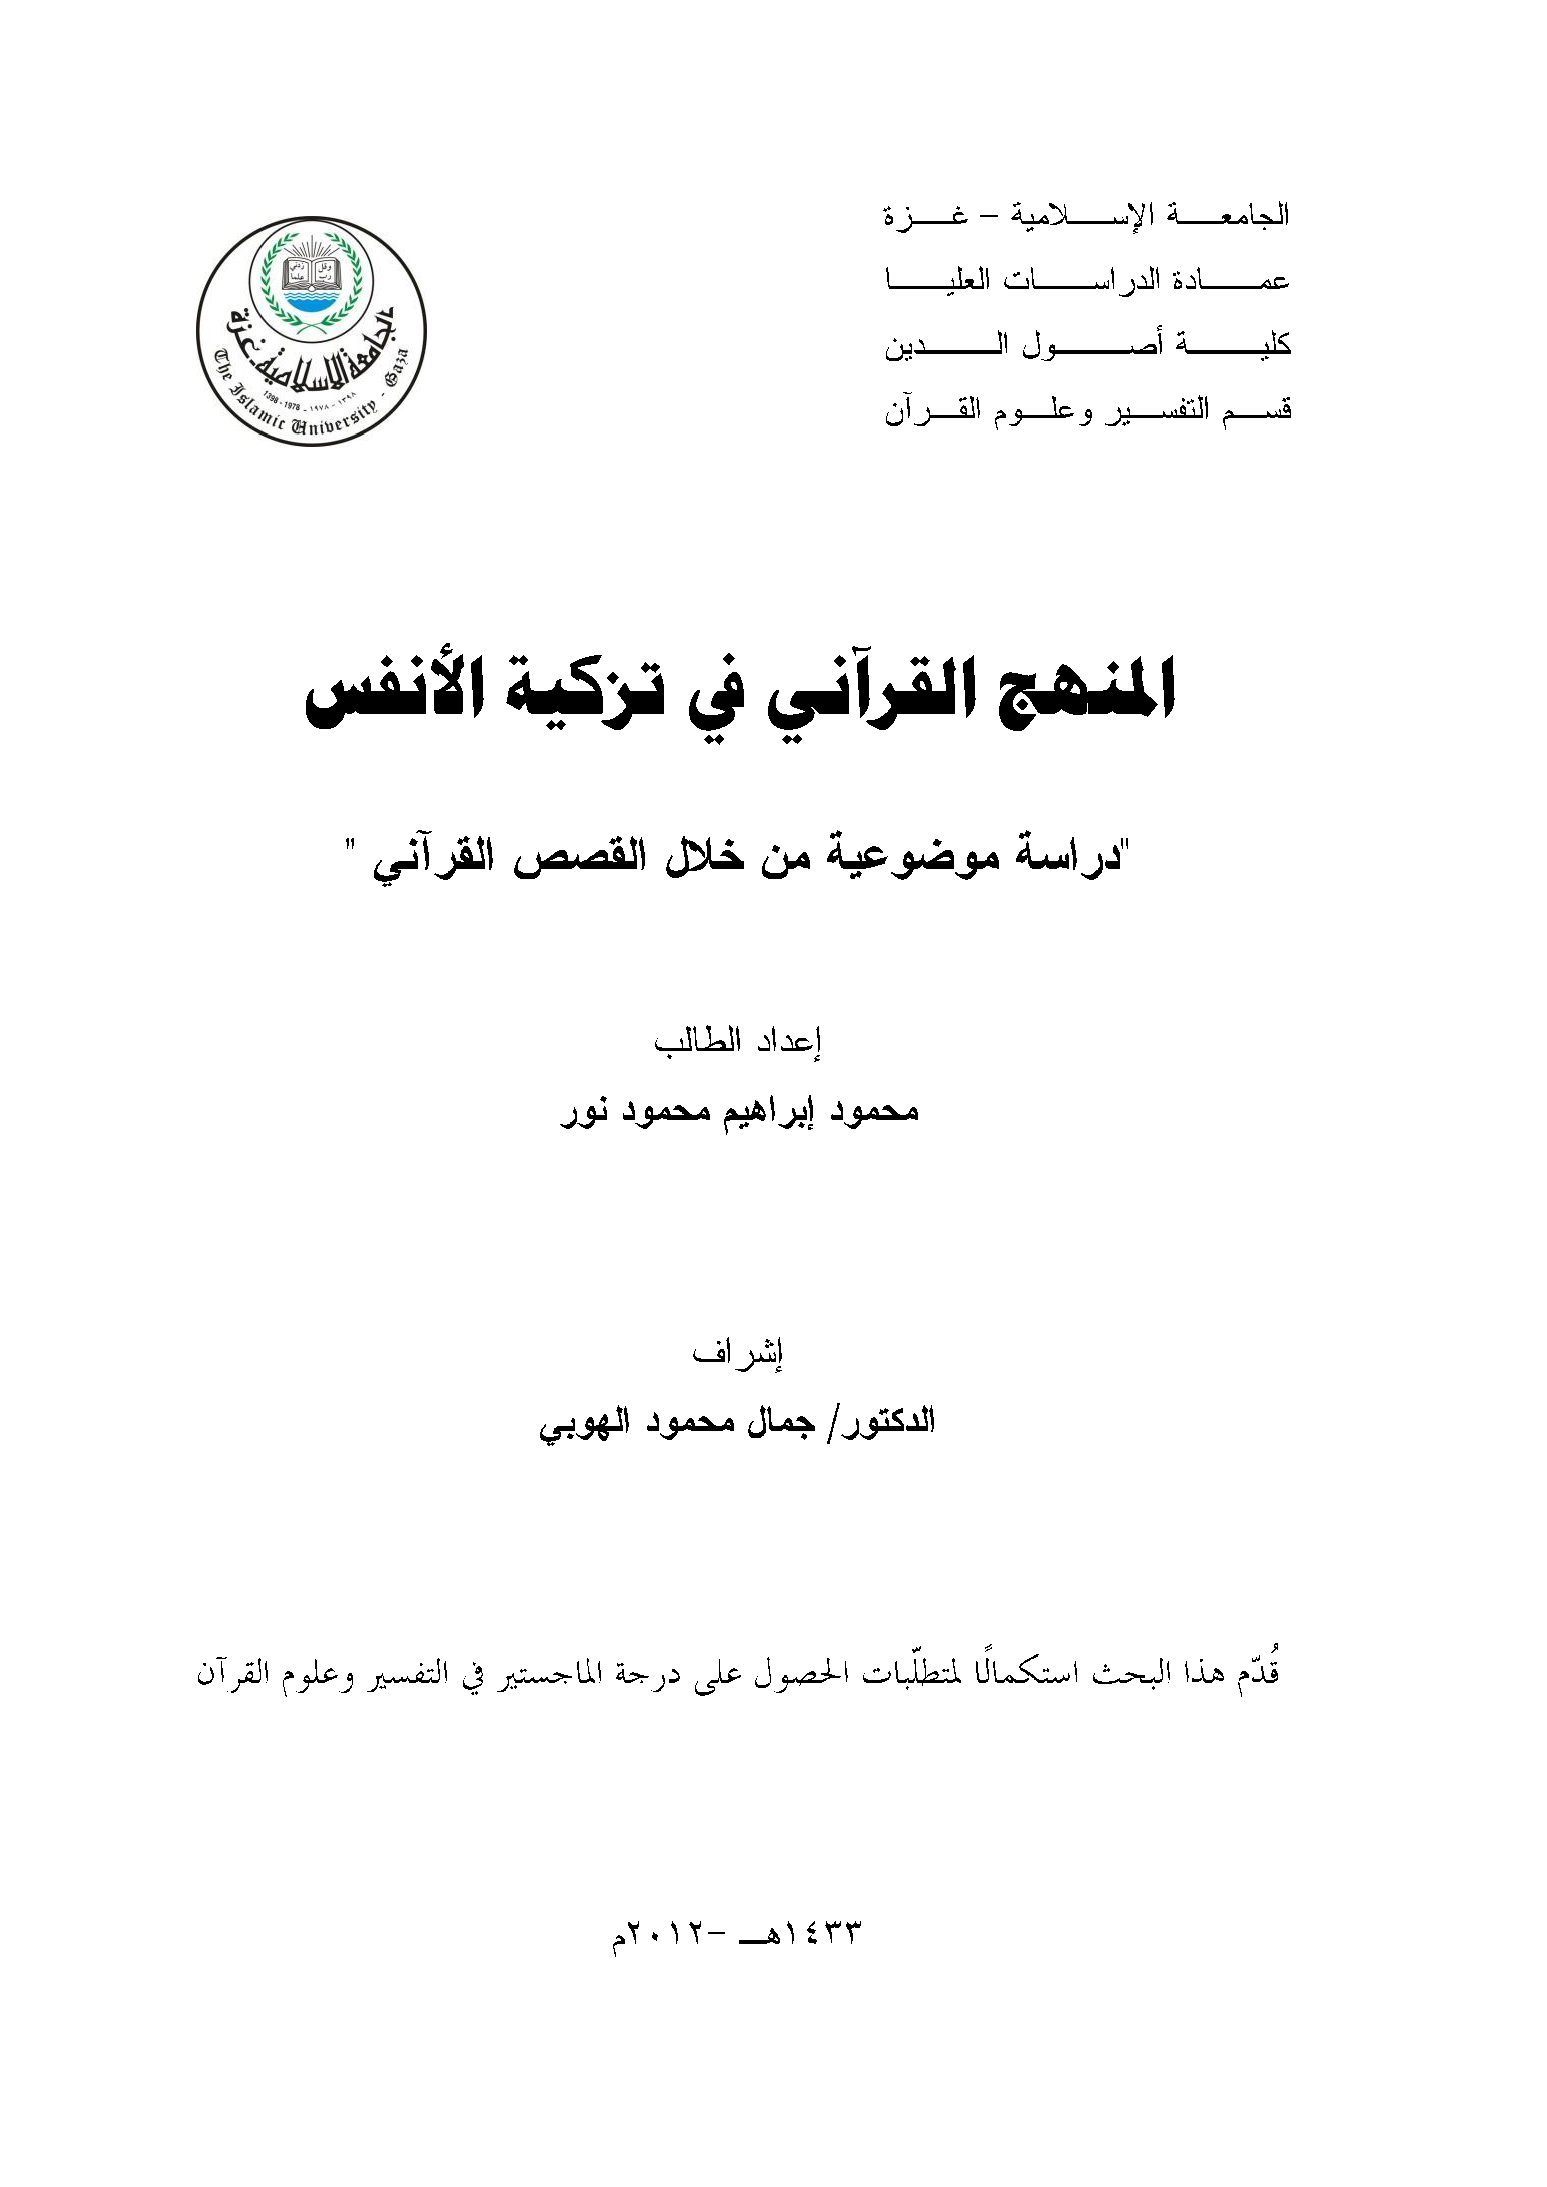 تحميل كتاب المنهج القرآني في تزكية الأنفس (دراسة موضوعية من خلال القصص القرآني) لـِ: محمود إبراهيم محمود نور